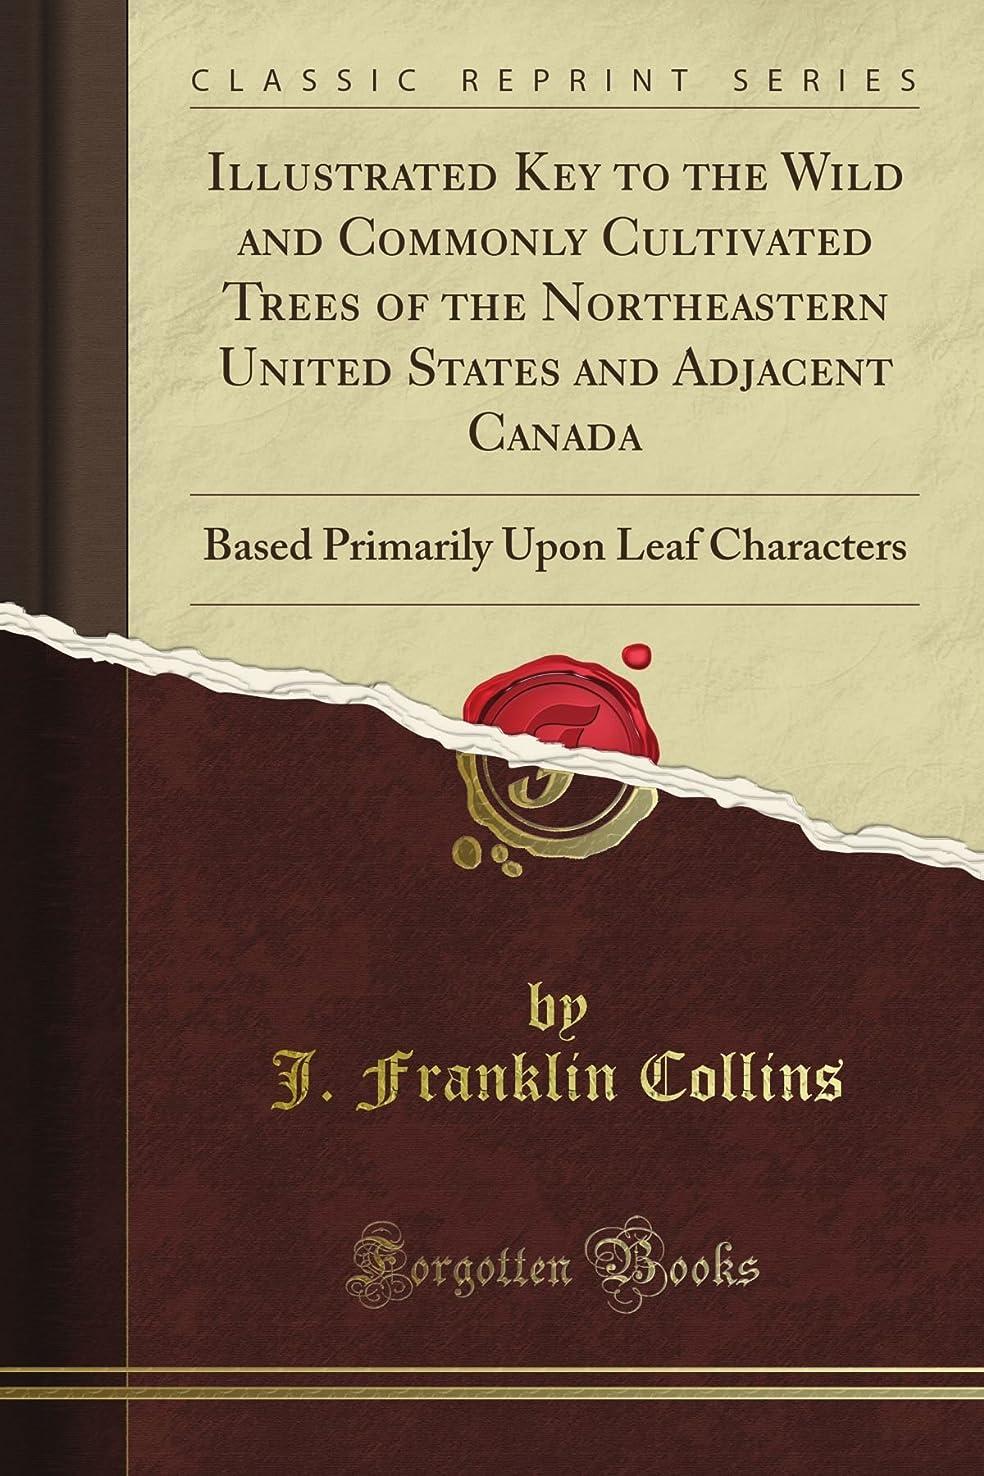 ノミネート反動ゆでるIllustrated Key to the Wild and Commonly Cultivated Trees of the Northeastern United States and Adjacent Canada: Based Primarily Upon Leaf Characters (Classic Reprint)